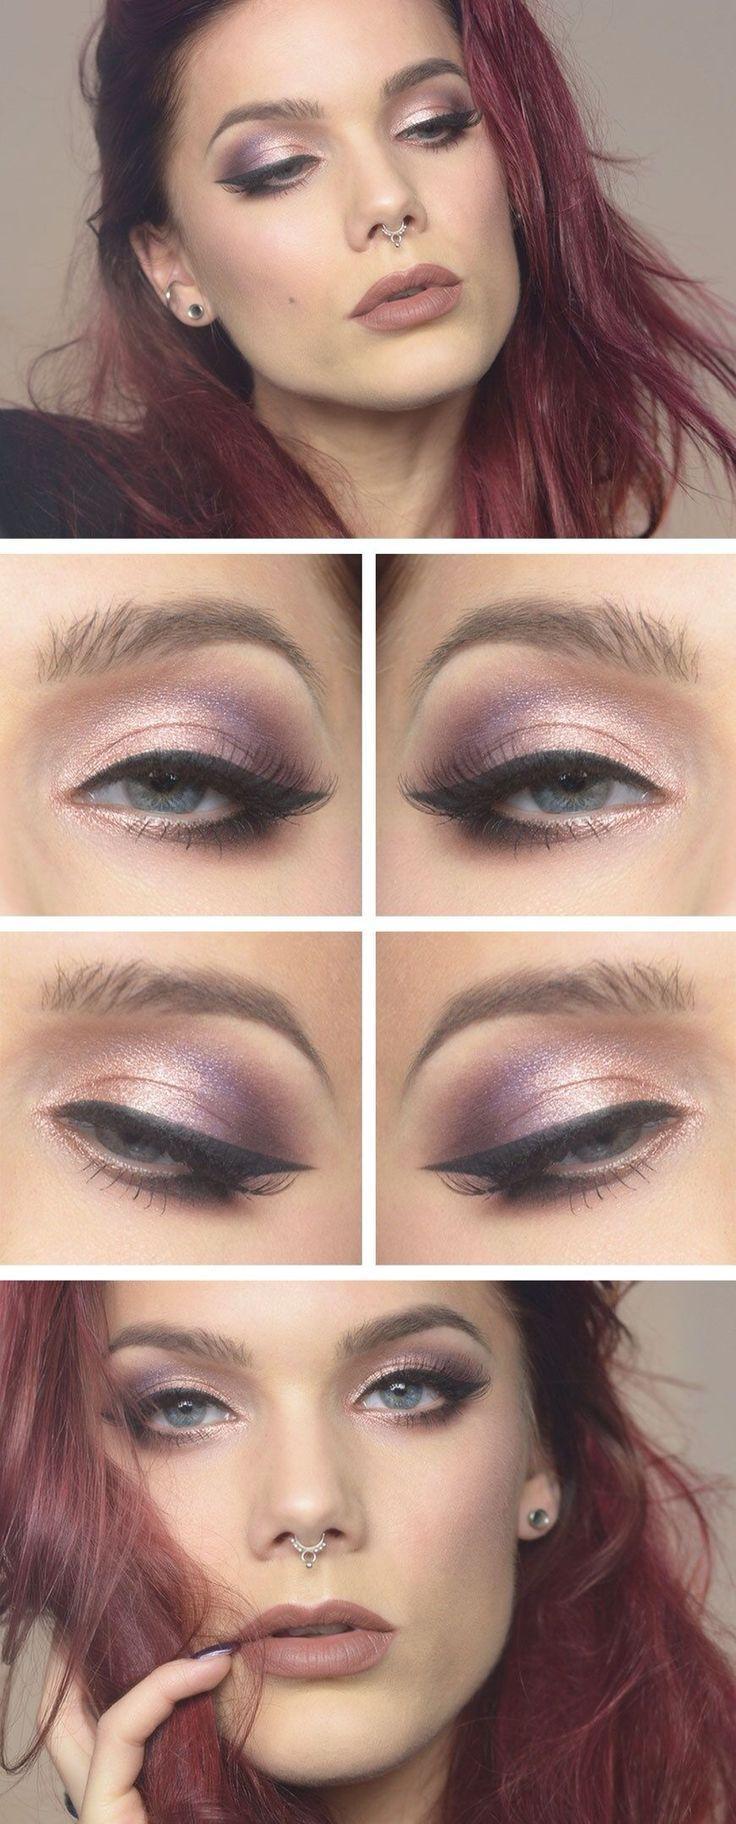 Свадьба - Sweet Make Up/ Natural / Smoke Eyes